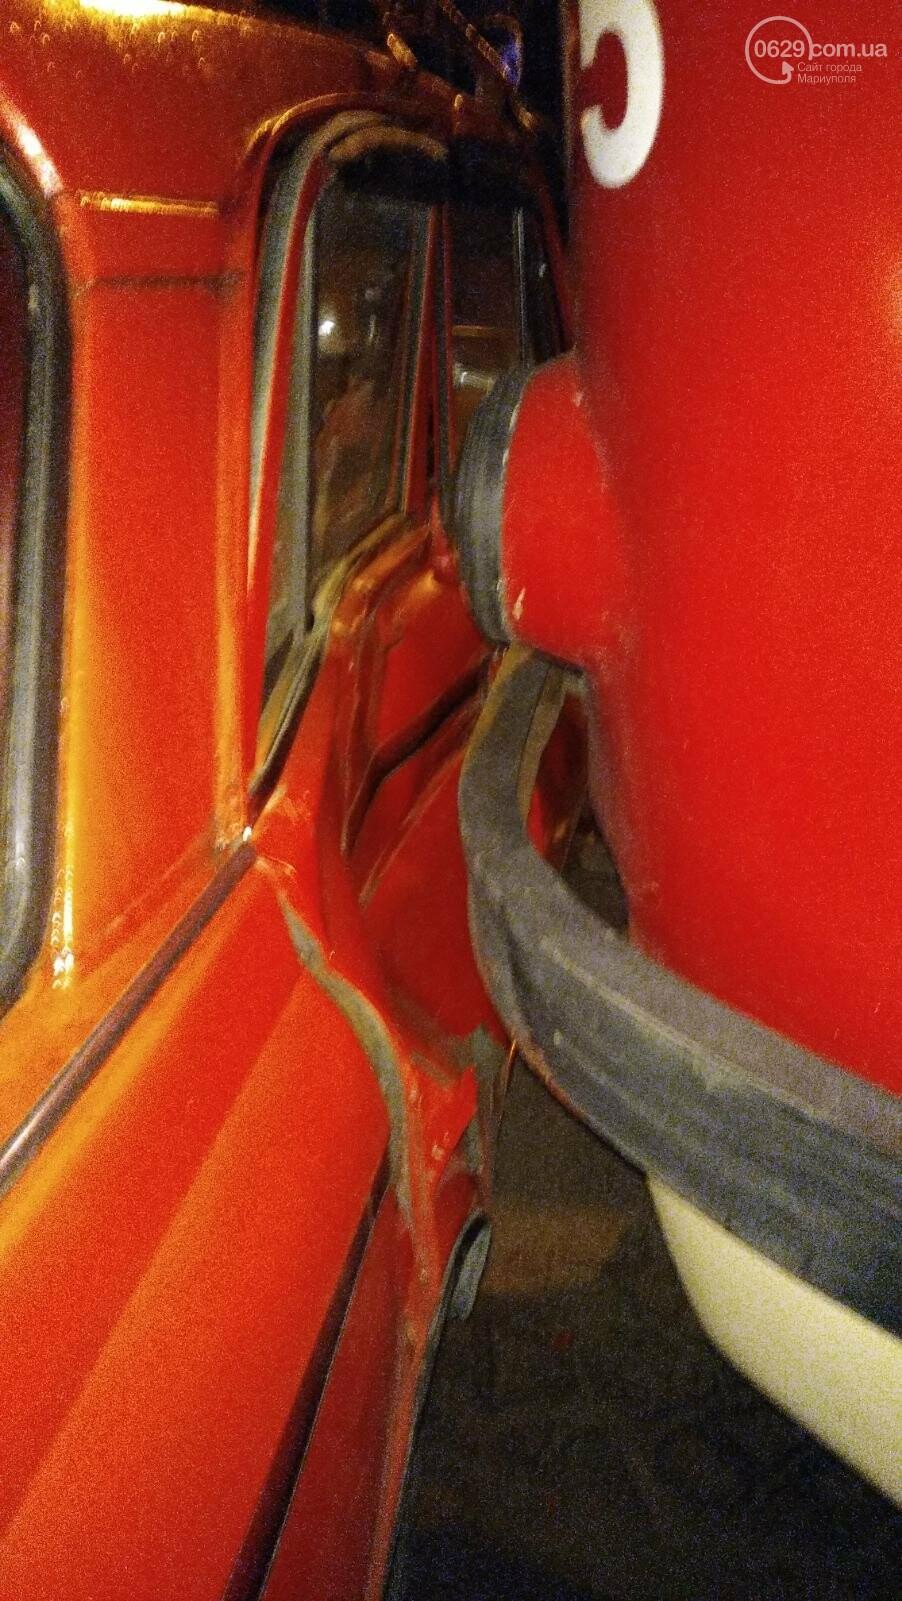 В Мариуполе «Москвич» столкнулся с трамваем, - ФОТО, фото-10